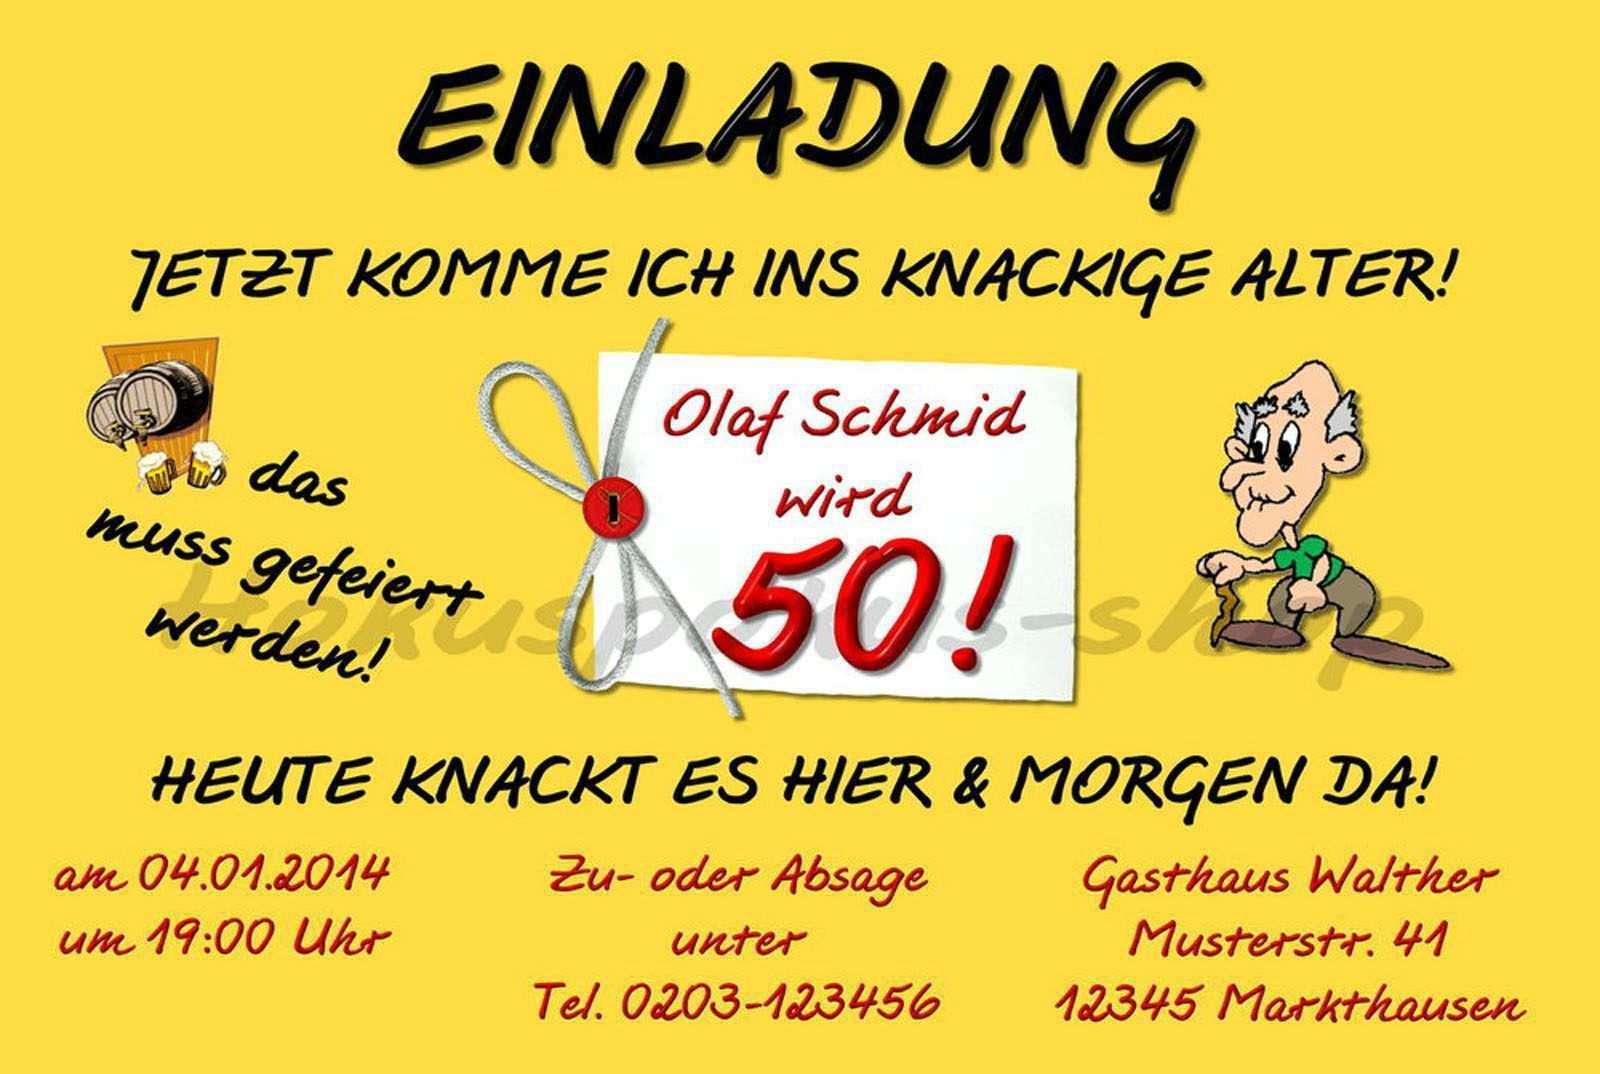 Geburtstag Einladungskarte Einladungskarten Geburtstag Kostenlos Ausdrucken Geburtsta Einladung 50 Geburtstag Einladungskarten Zum 50 Einladung Geburtstag